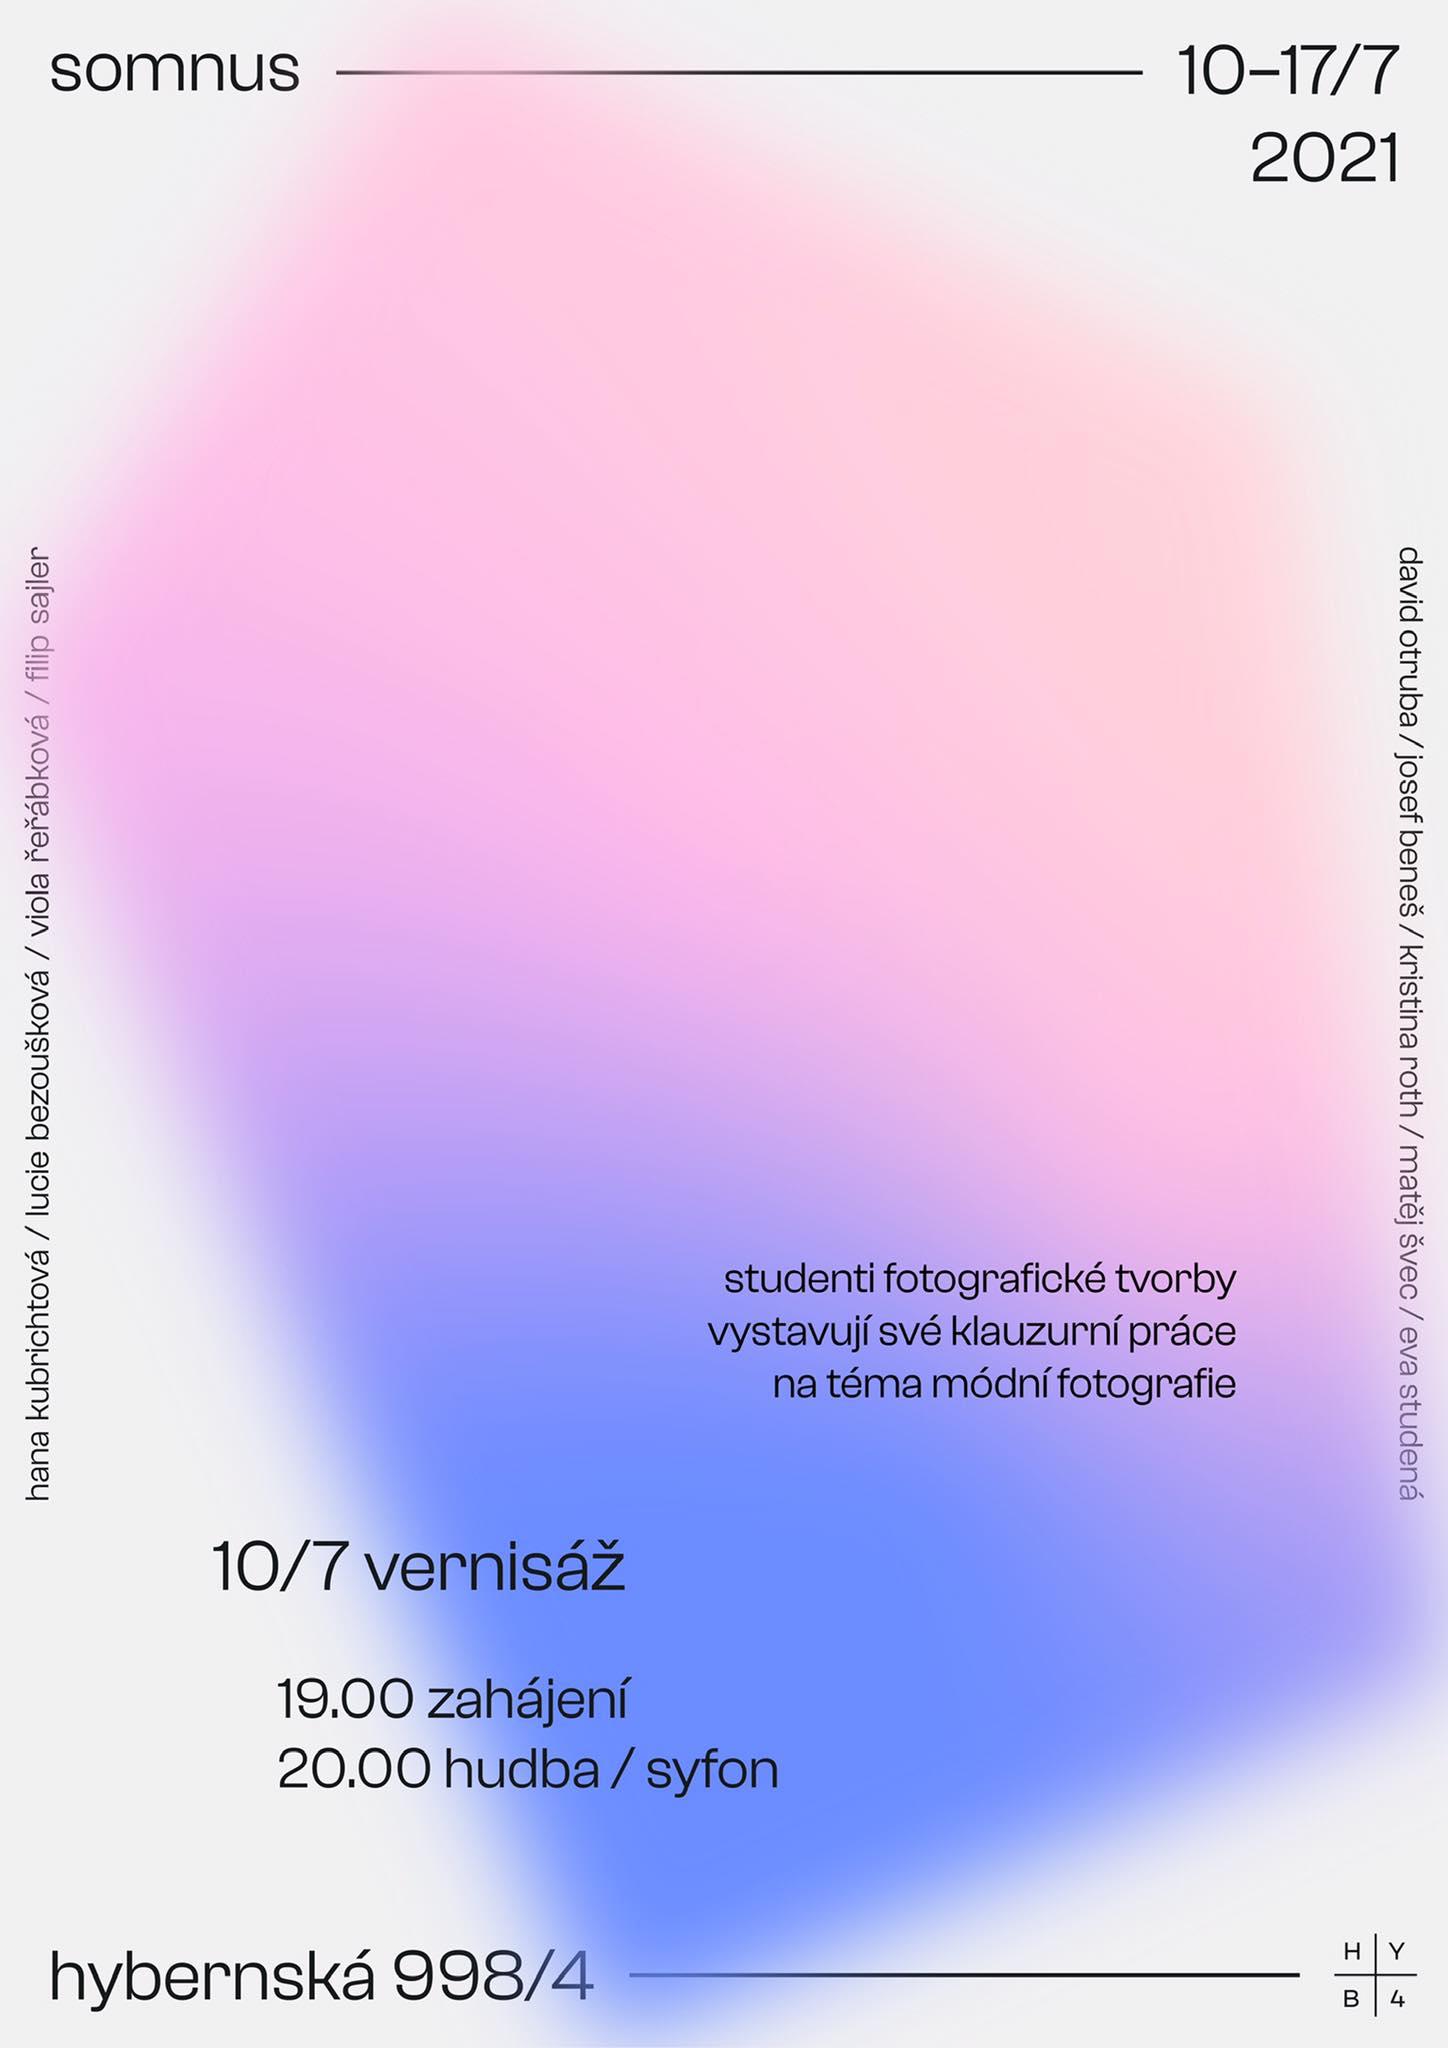 plakát k výstavě<br>10—17. 7. 2021<br>Kampus Hybernská (998/4)<br>Sklep E